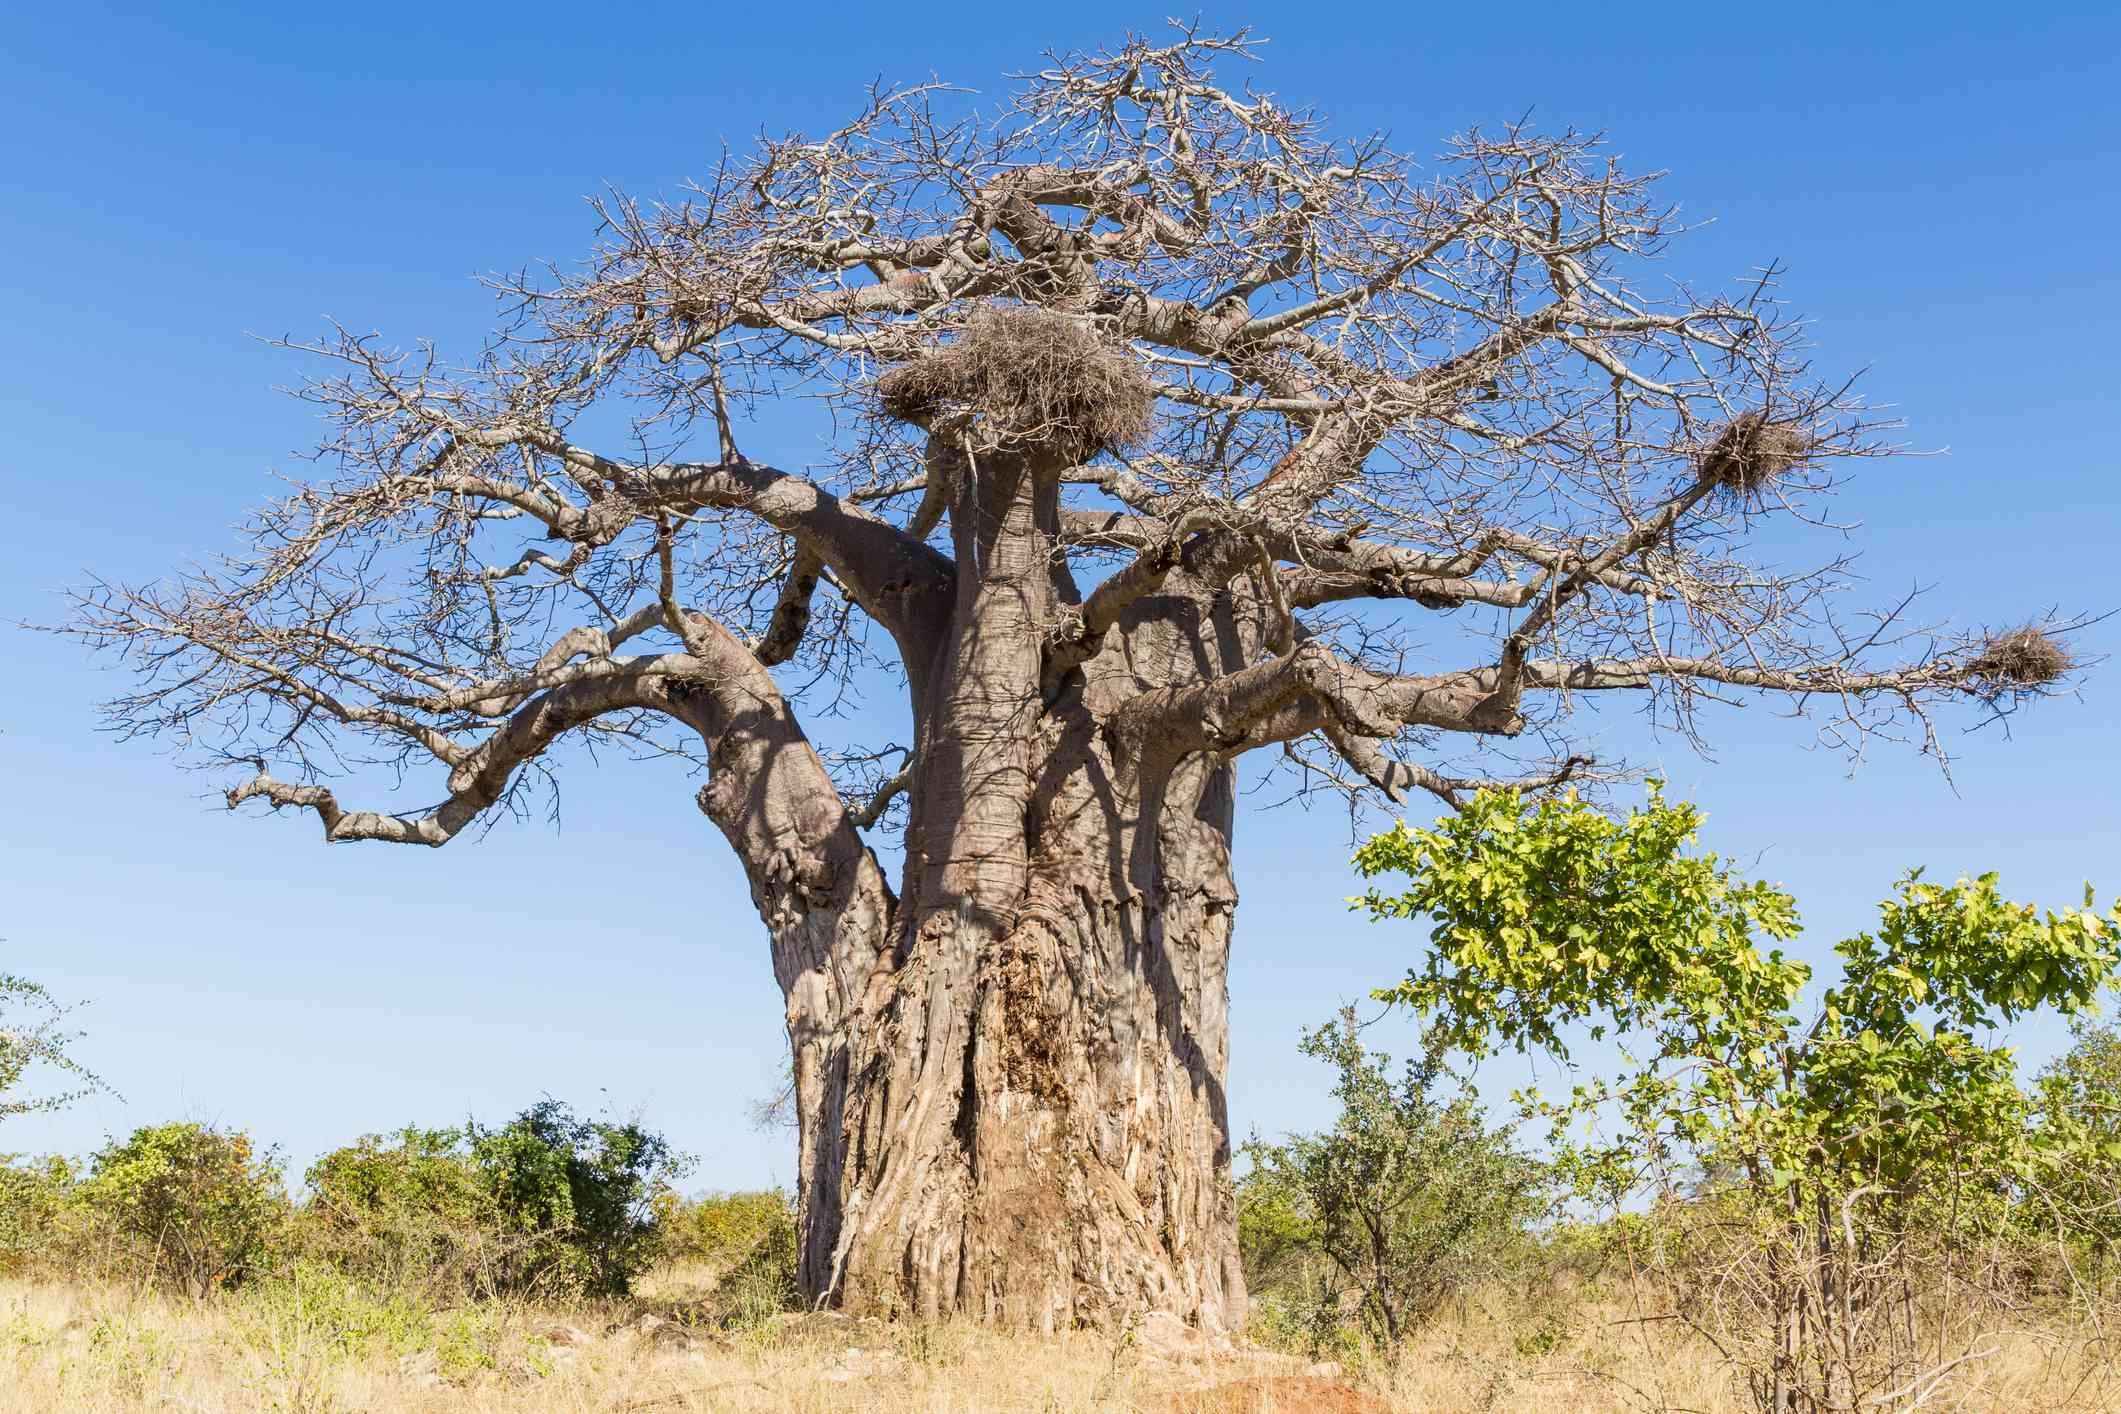 Baobab tree in Kruger National Park, South Africa